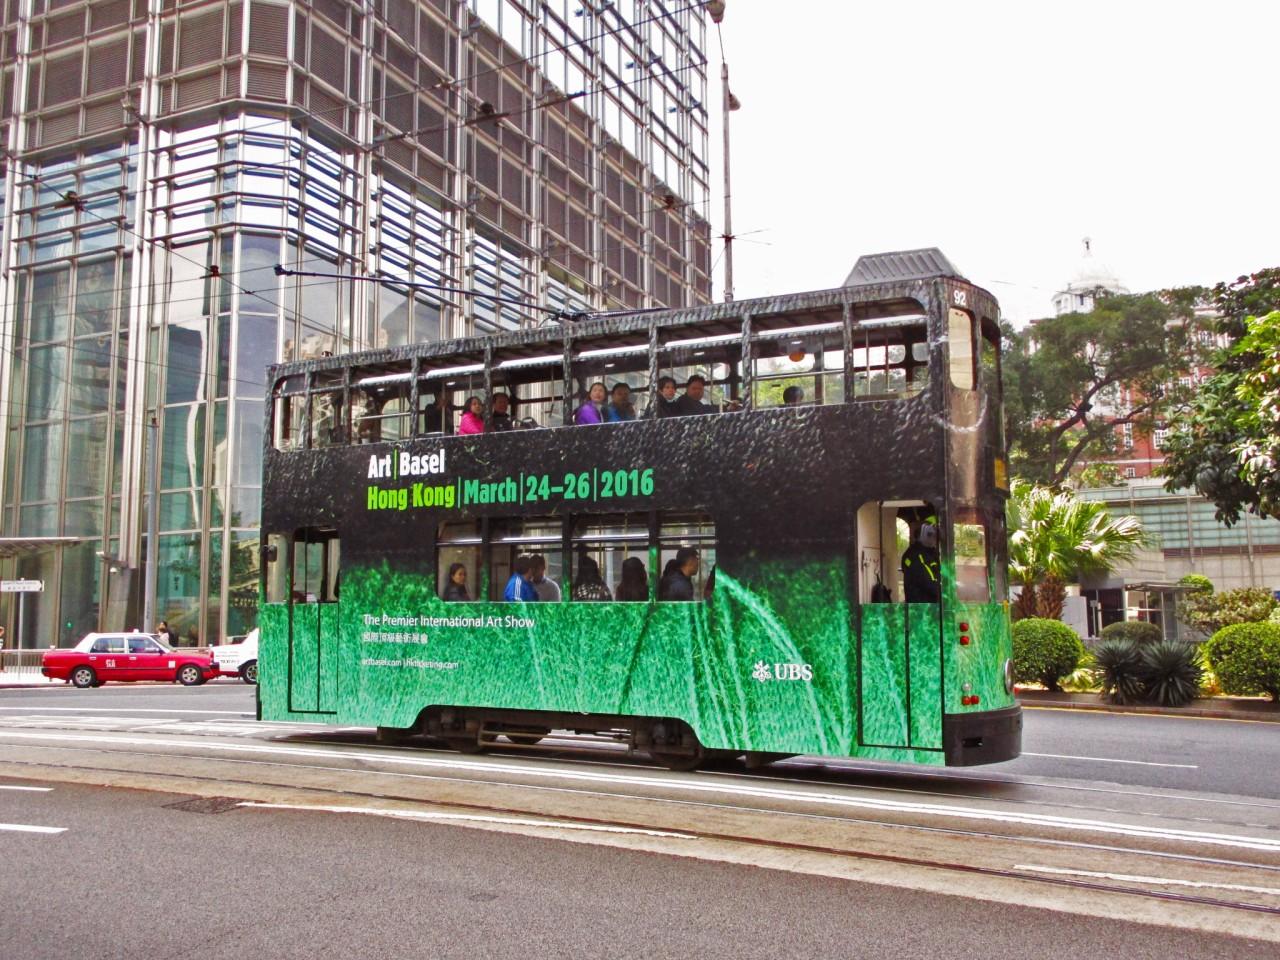 Conto alla rovescia per Art Basel Hong Kong 2016, quarta edizione